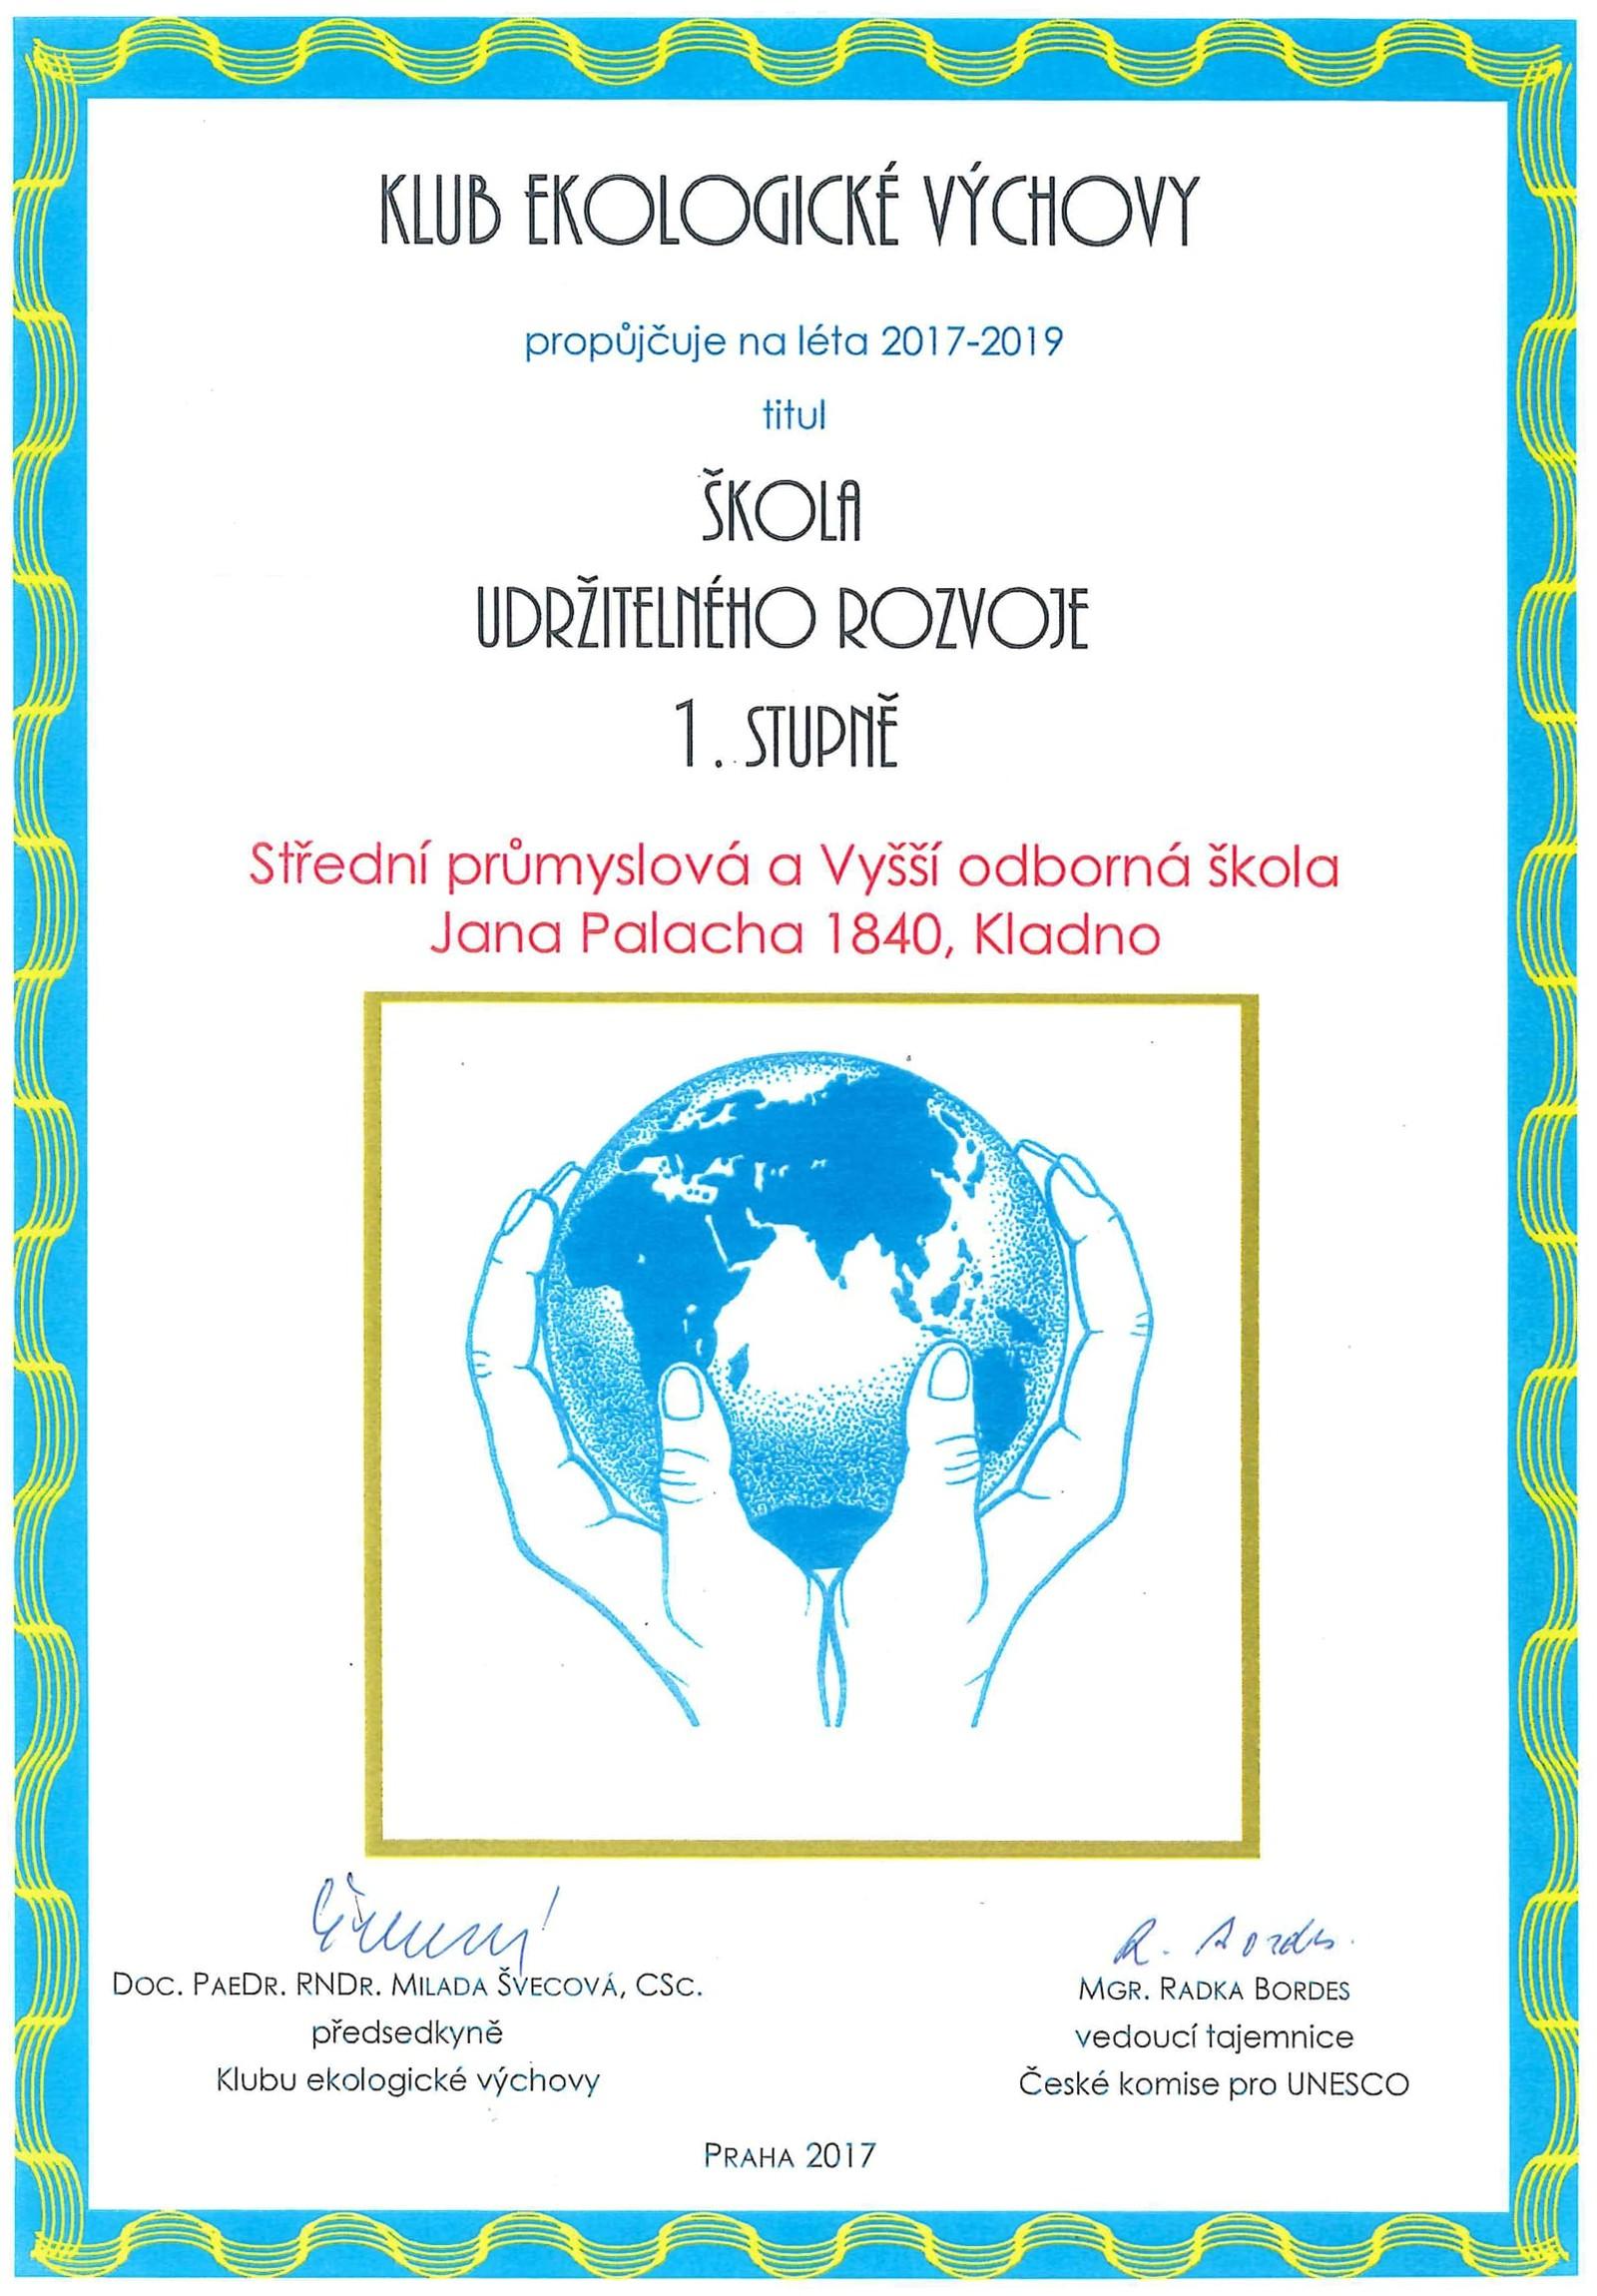 Diplom KEV Škola udržitelného rozvoje